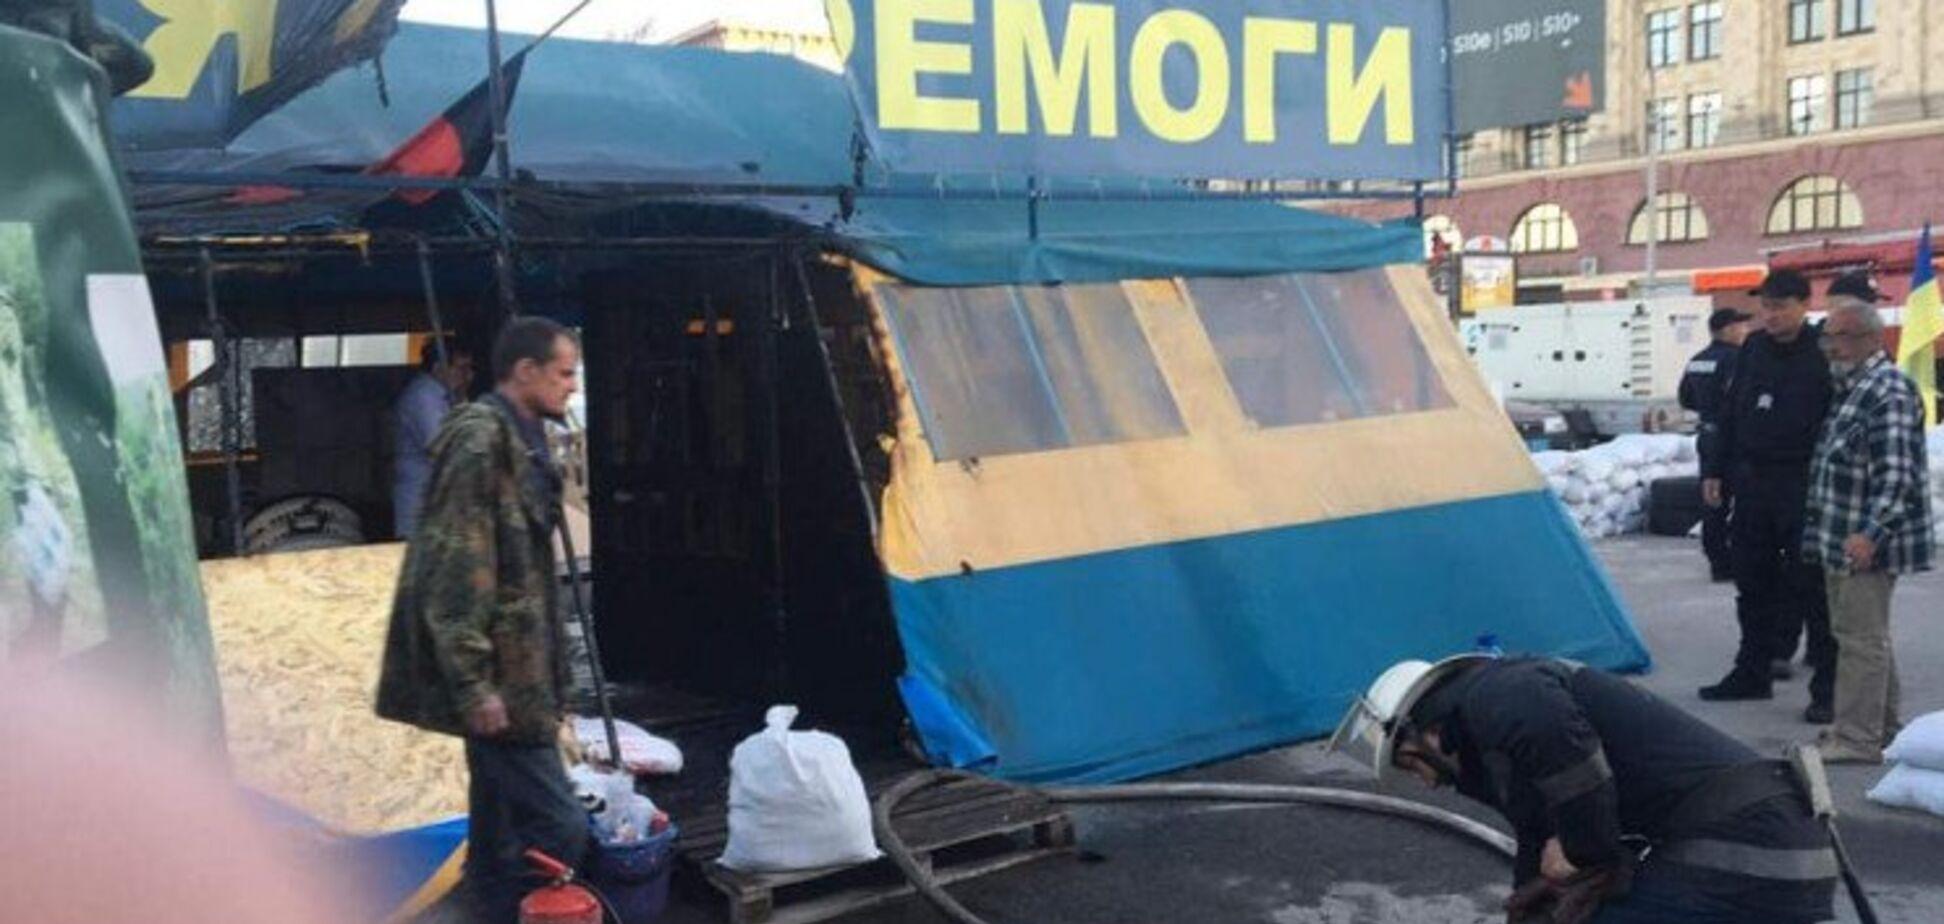 В Харькове подожгли волонтерскую палатку: фото последствий